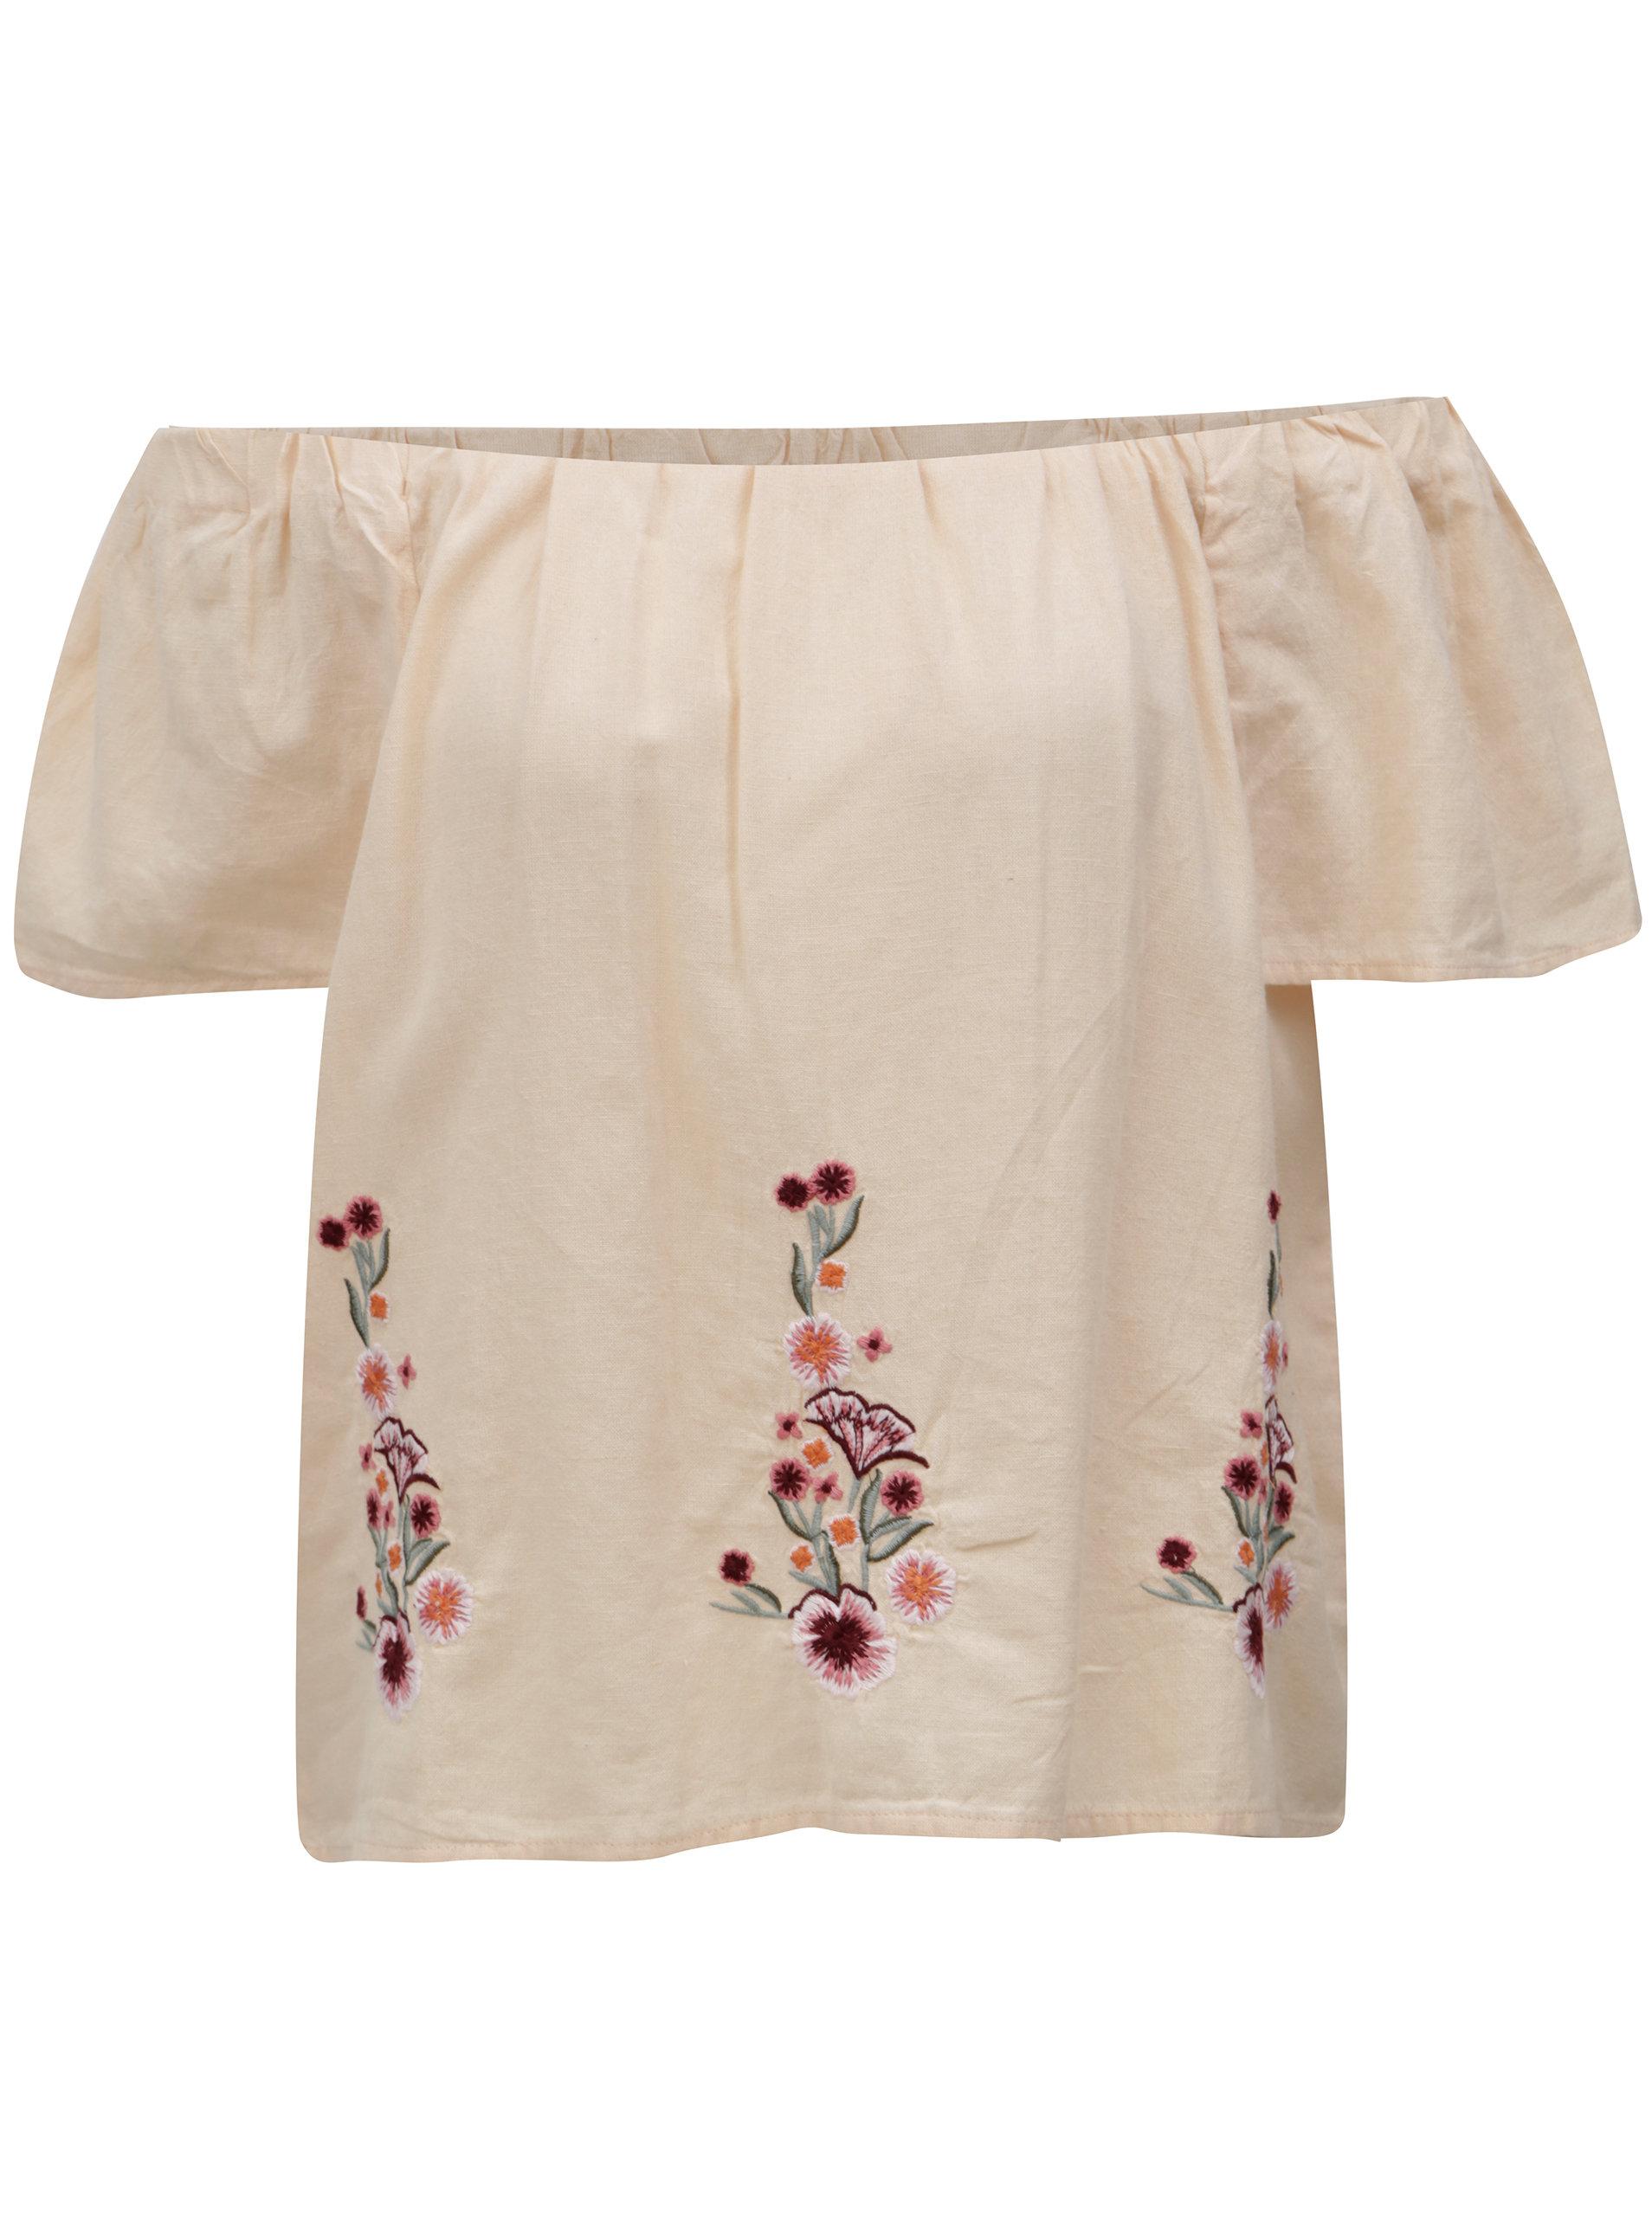 ed7e05ce49 Marhuľová blúzka s kvetovanou výšivkou a odhalenými ramenami Dorothy  Perkins ...